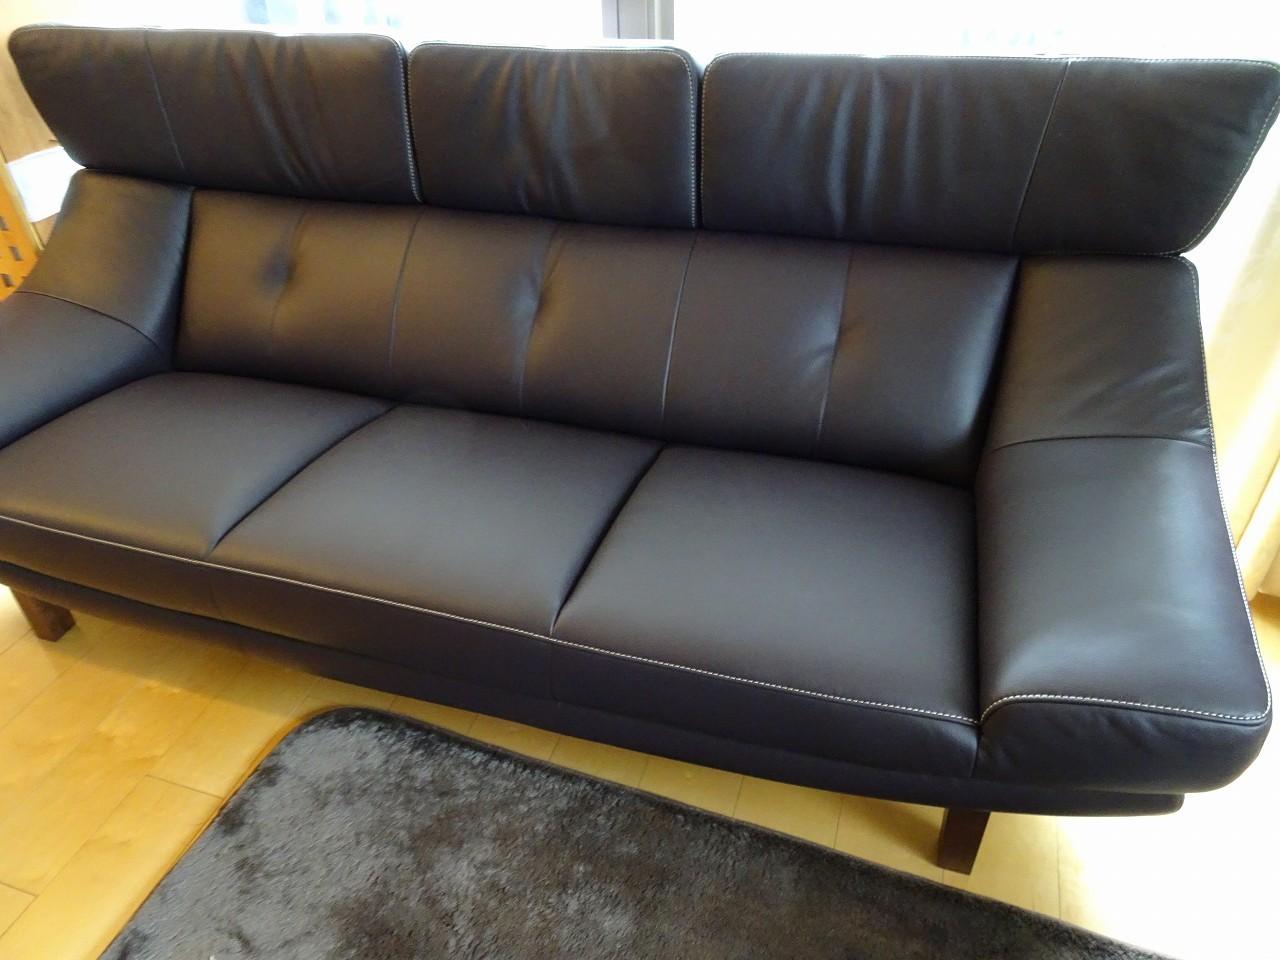 大阪市のN様にカリモク家具のZU46ソファーをお届けいたしました。